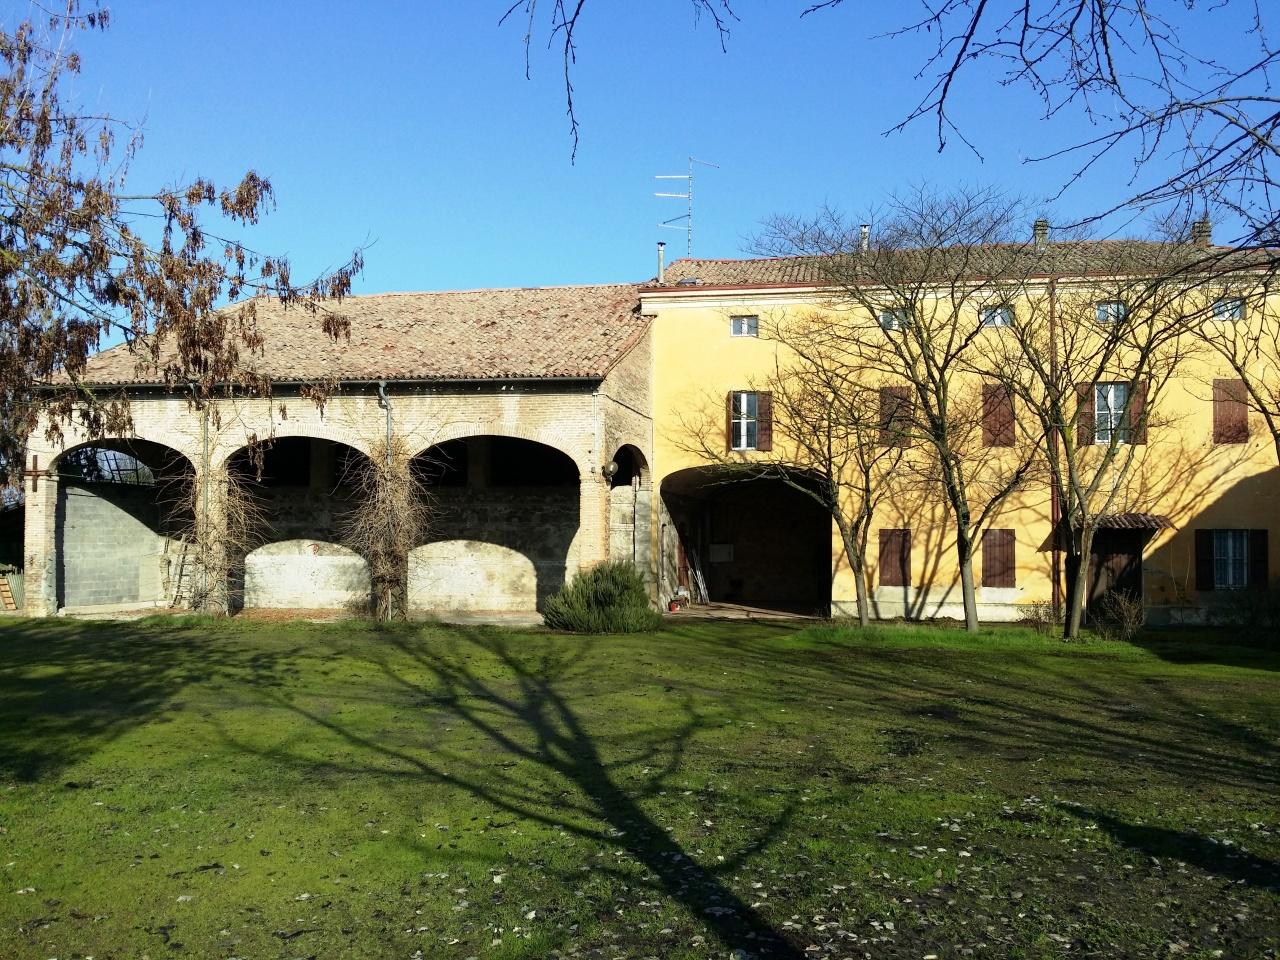 Rustico / Casale in vendita a Parma, 18 locali, prezzo € 450.000   Cambio Casa.it